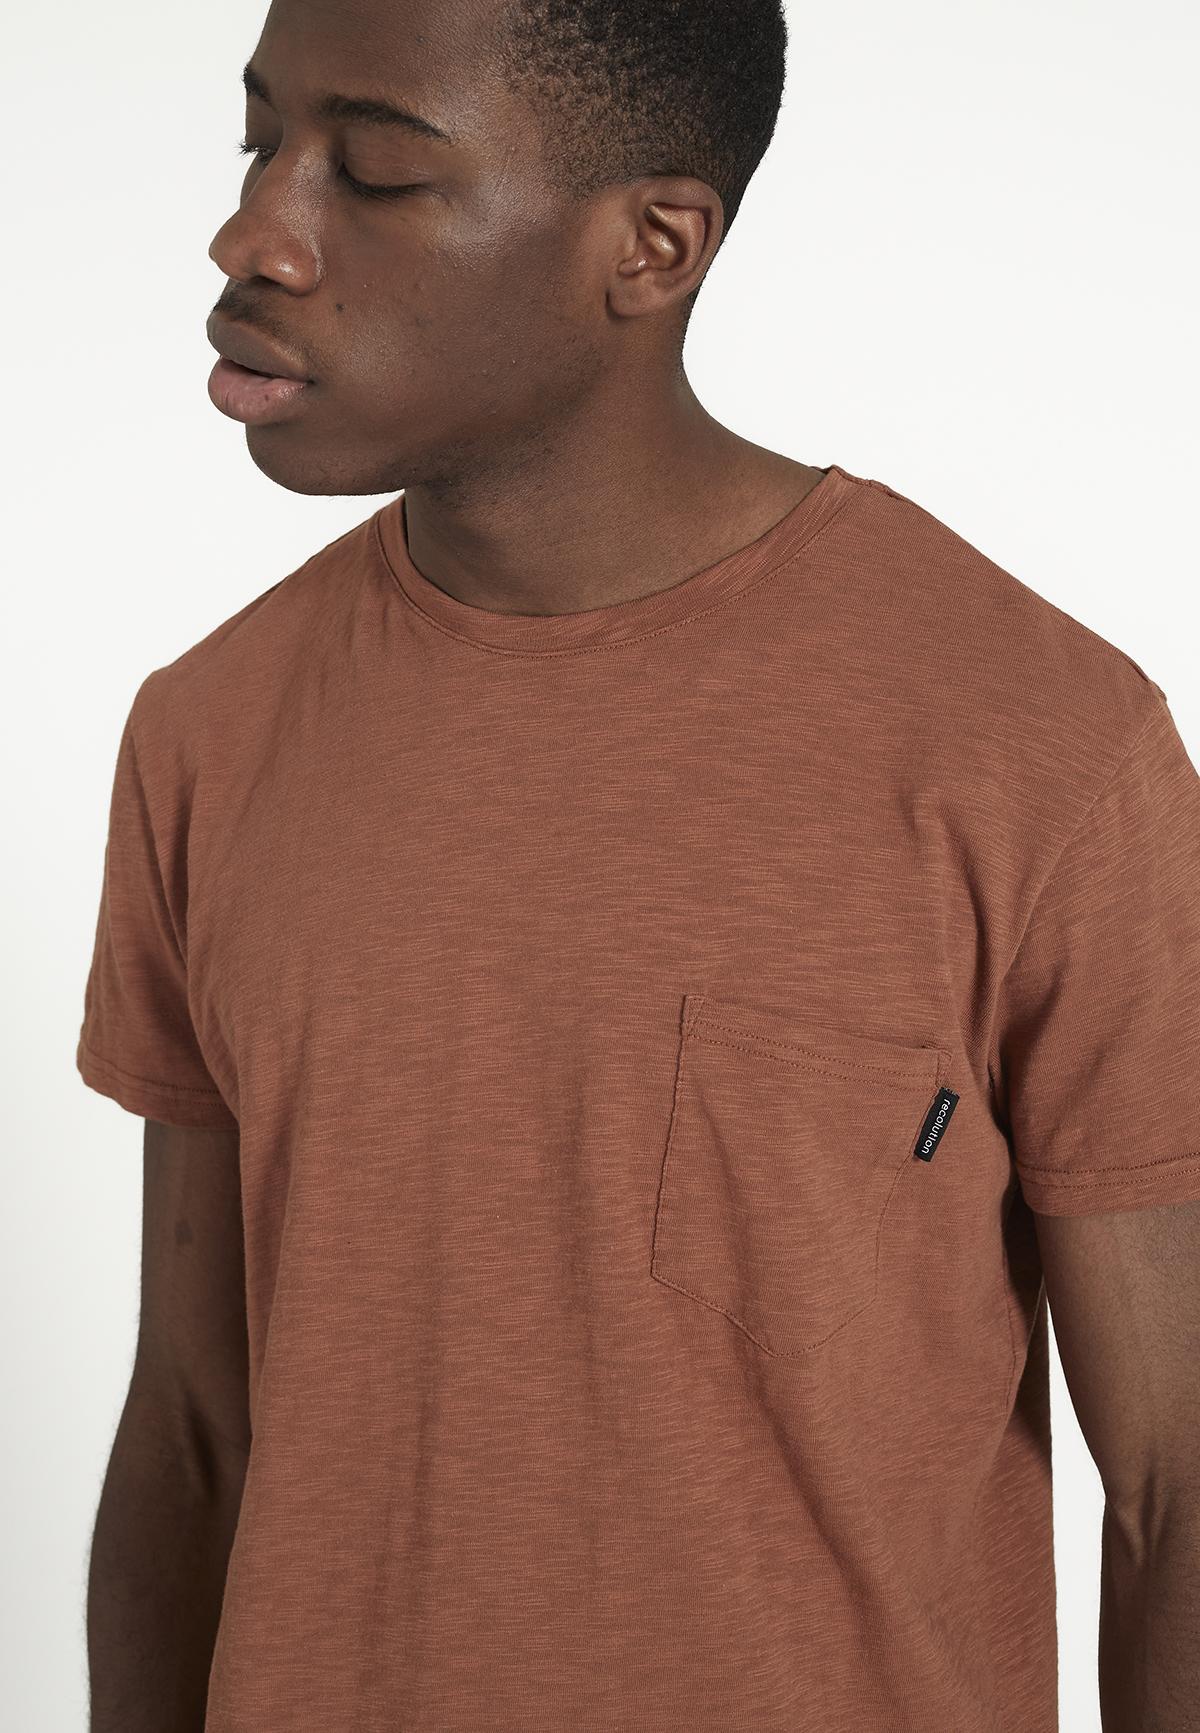 Herren-Shirt PALM dark orange